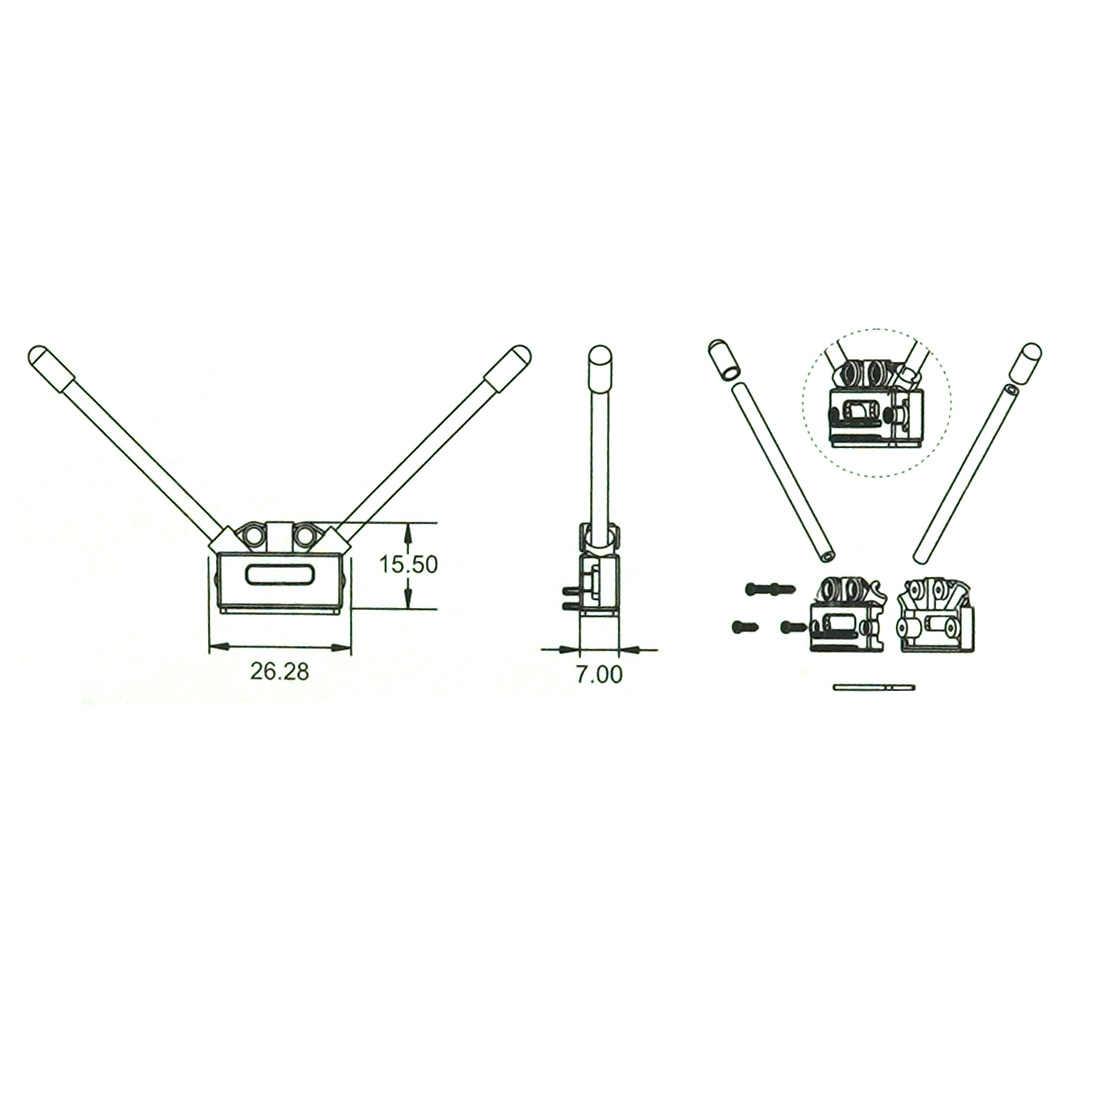 F17308/Q14709 CC3D Atom V Type Ontvanger Antenne Voetstuk Vastmaakzitting Mount Houder Voor Alien Over Rc Multirotor Fpv quadcopter